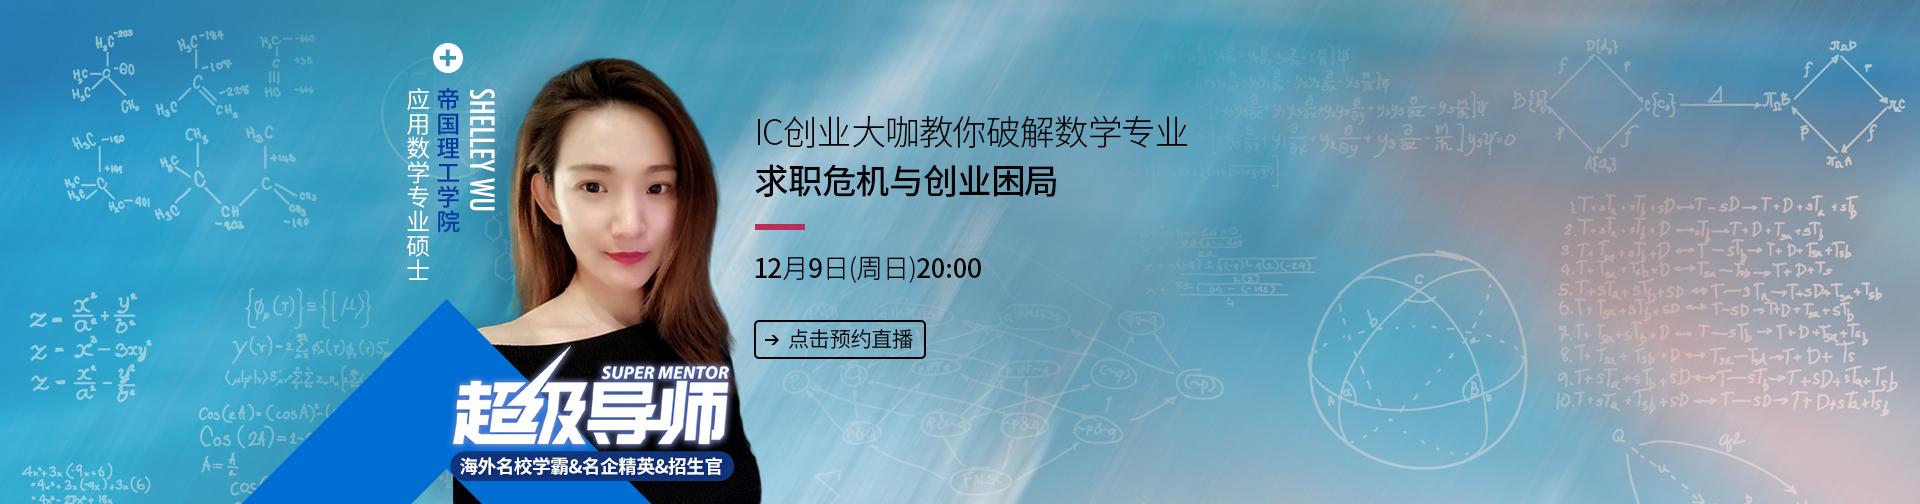 http://myoffer-public.oss-cn-shenzhen.aliyuncs.com/banners/b7b8e64f25ead5424923d9c2d2f58782-607140-1920x504.jpeg